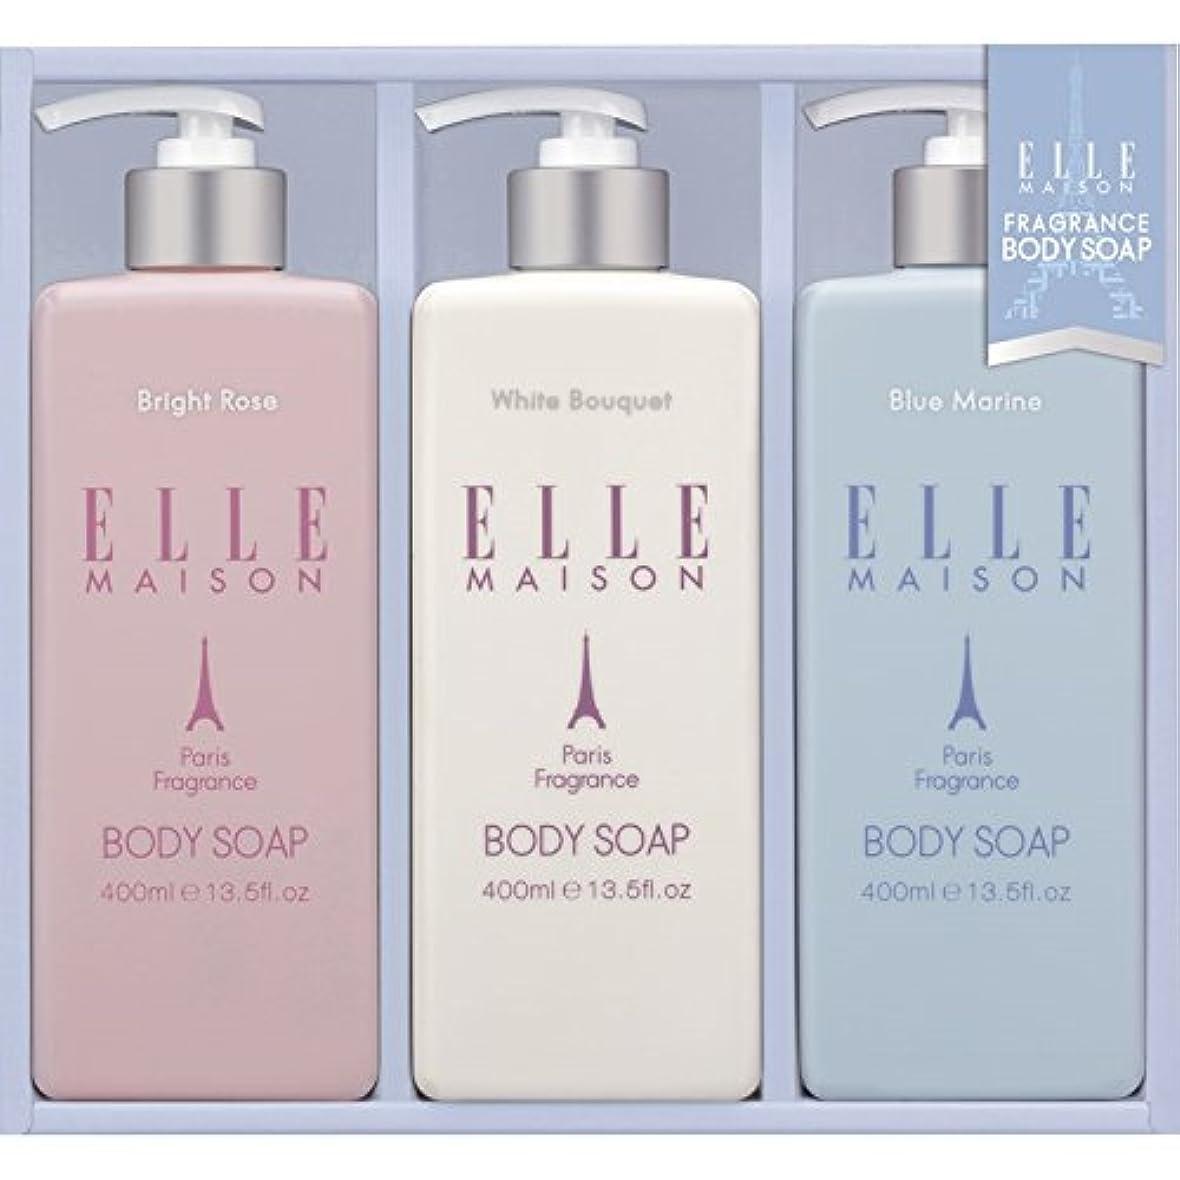 またキャンセルご注意ELLE MAISON ボディソープギフト EBS-15 【保湿 いい匂い うるおい 液体 しっとり 良い香り やさしい 女性 贅沢 全身 美肌 詰め合わせ お風呂 バスタイム 洗う 美容】